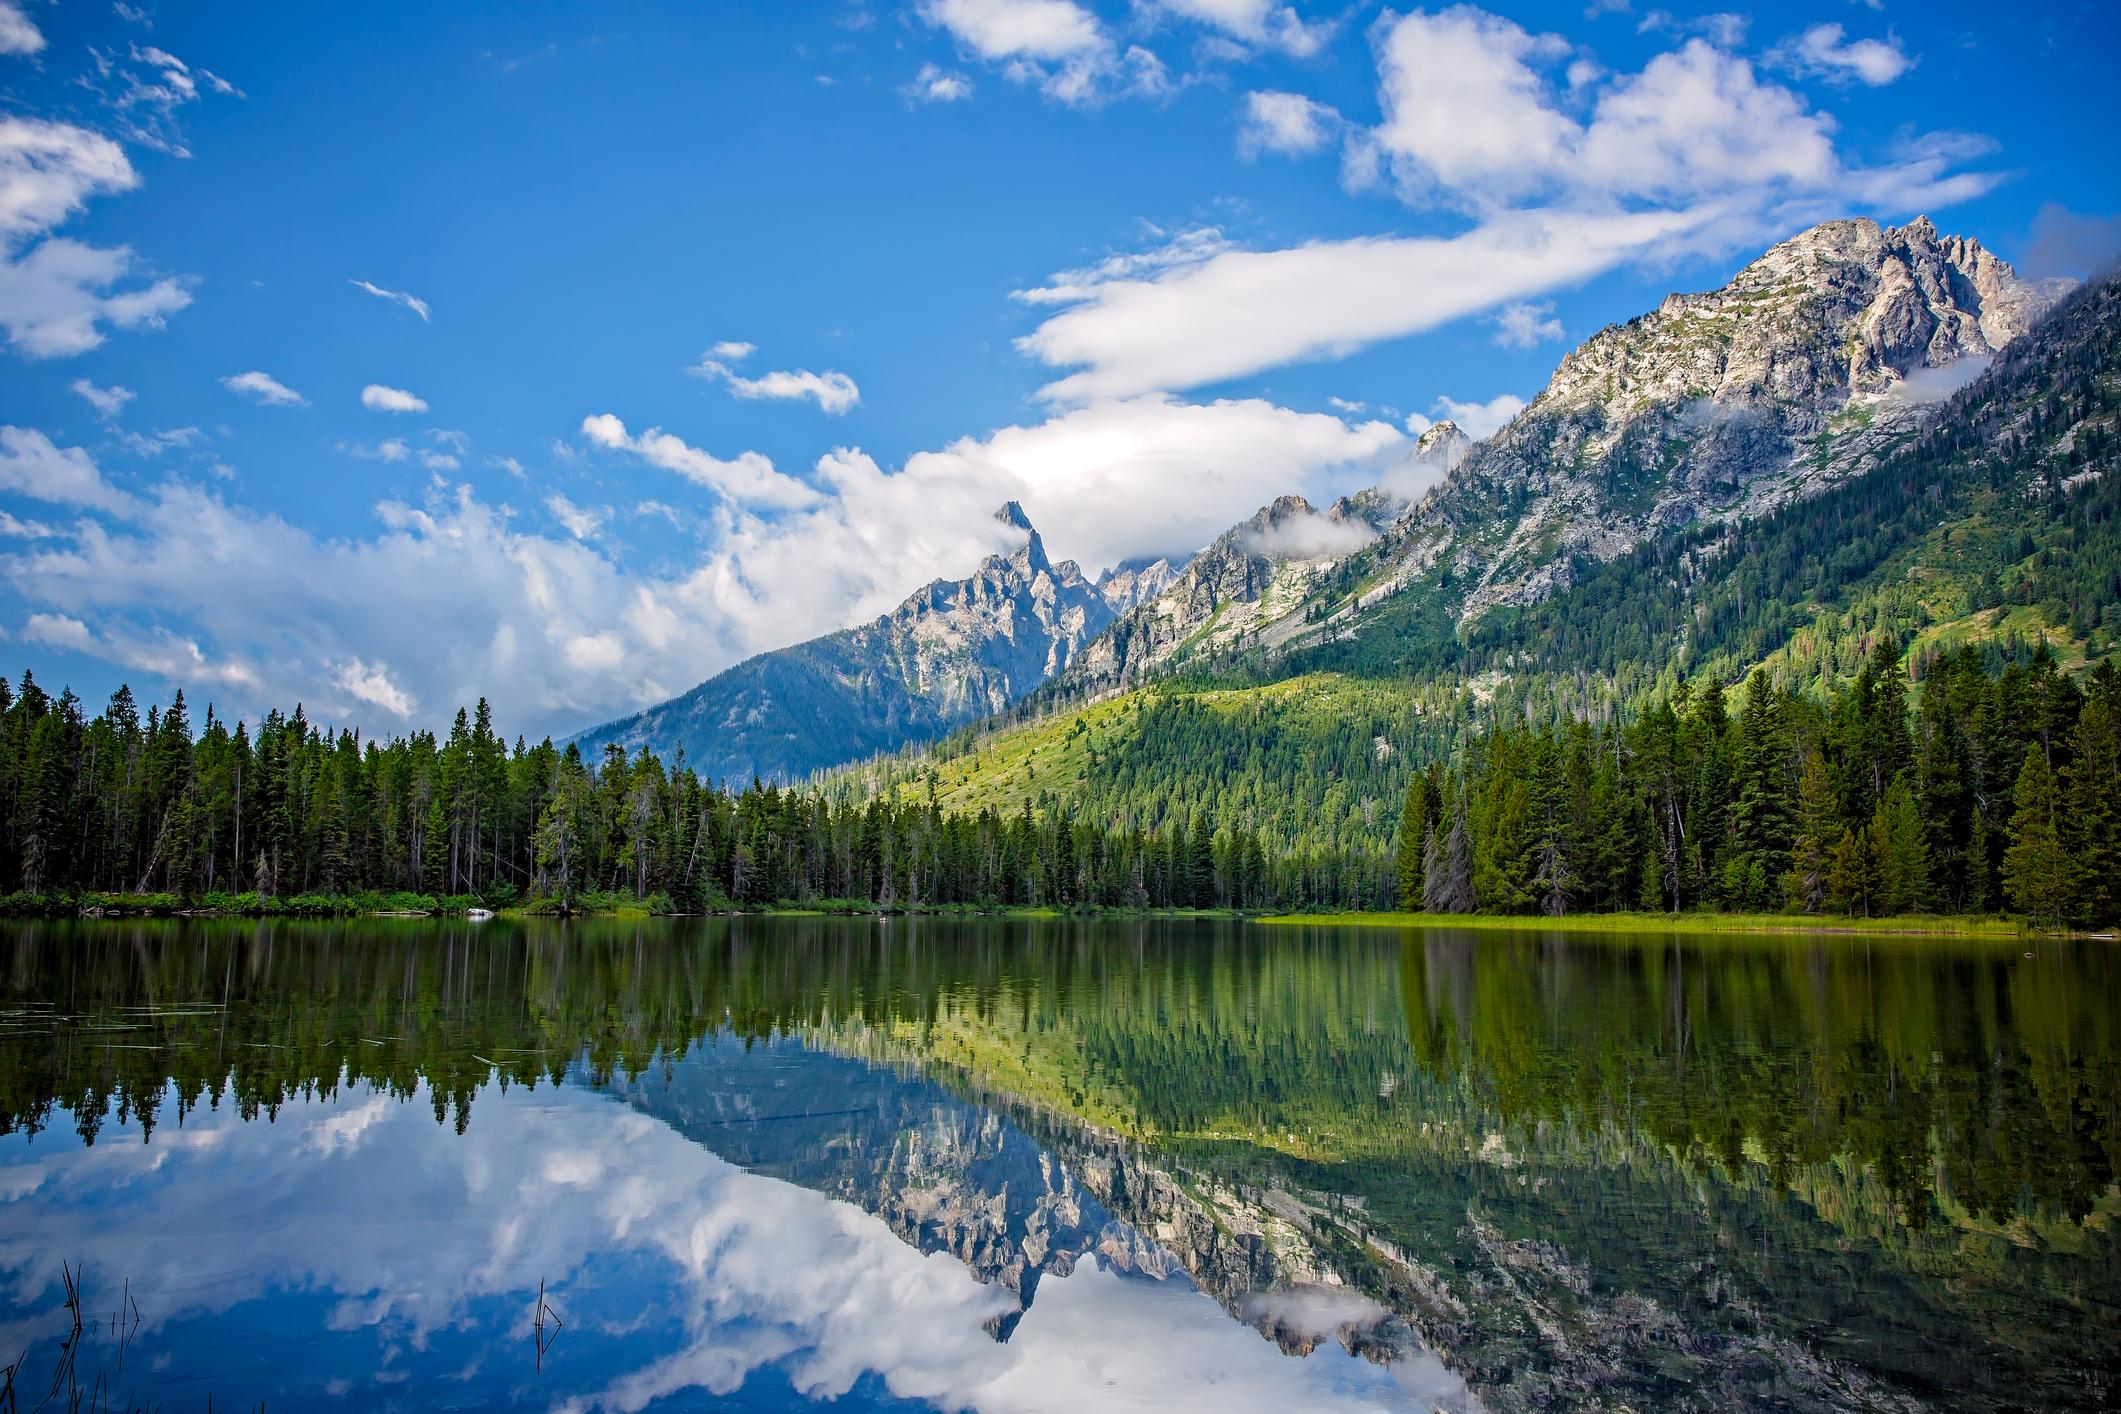 Mountain and lake view in String Lake, Wyoming.